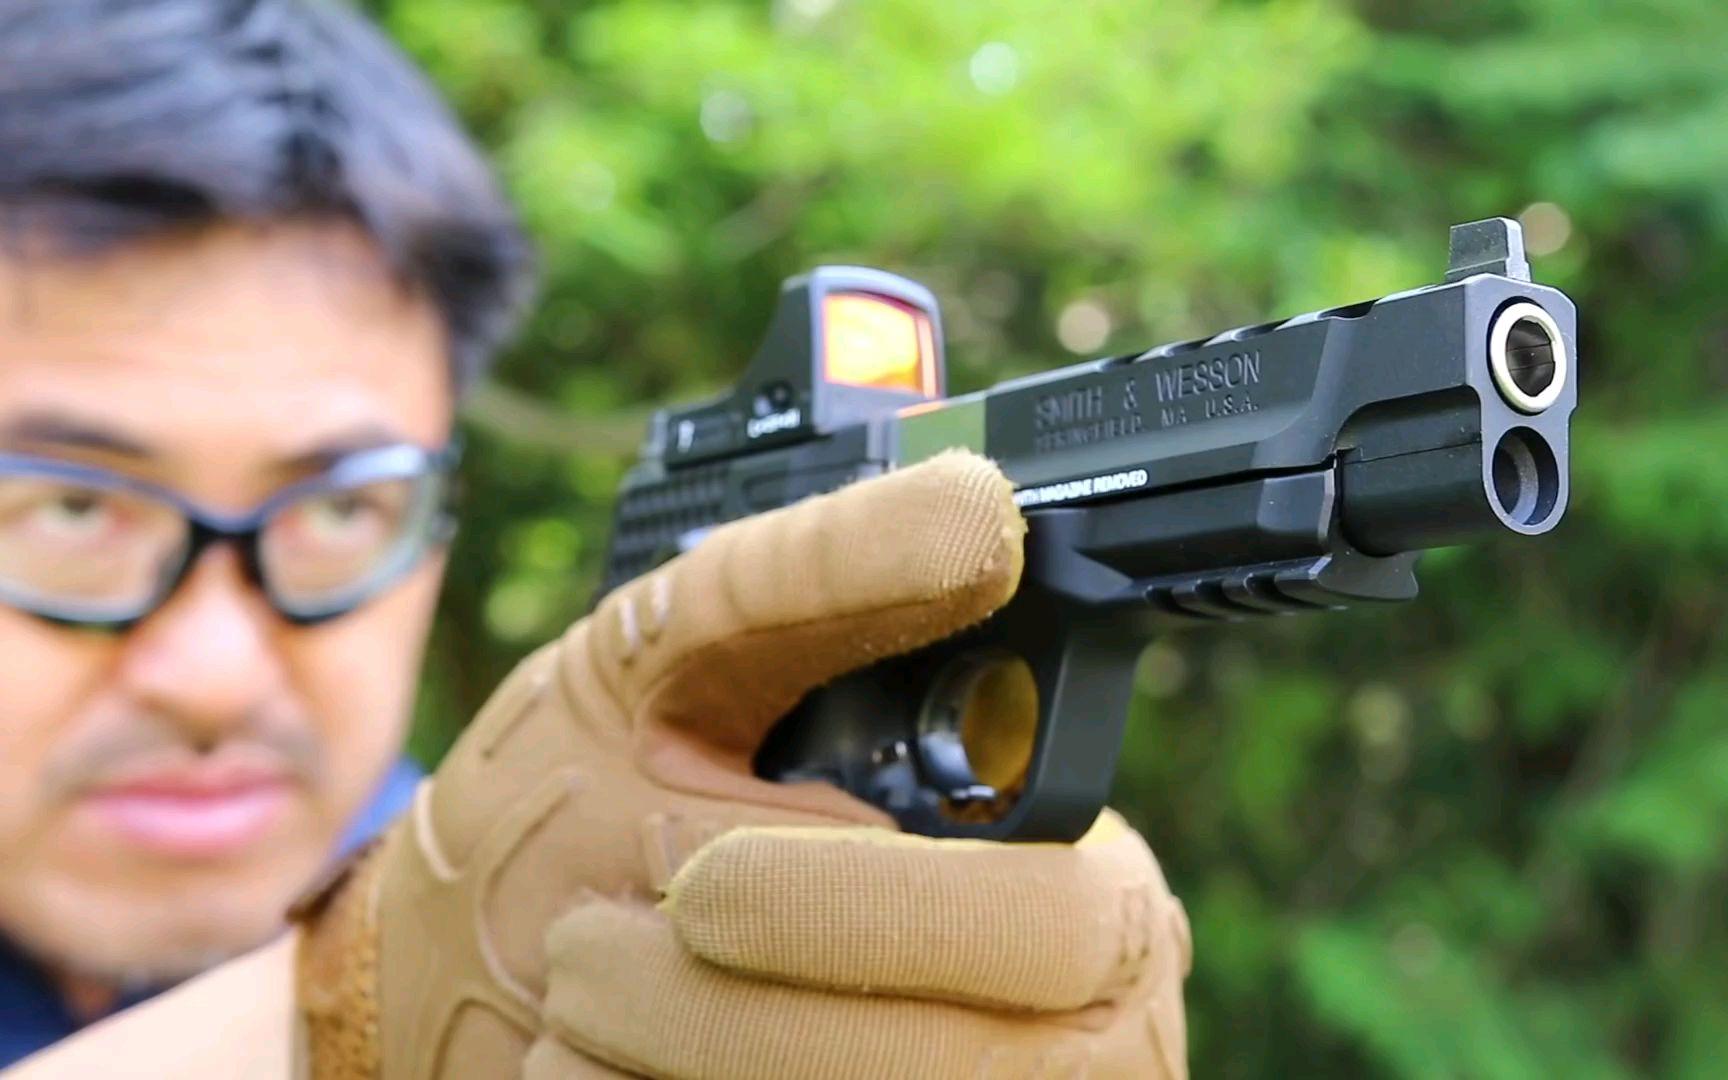 【壕堺大叔】东京丸井 M&P 9L 装配Micro Sight瞄准镜